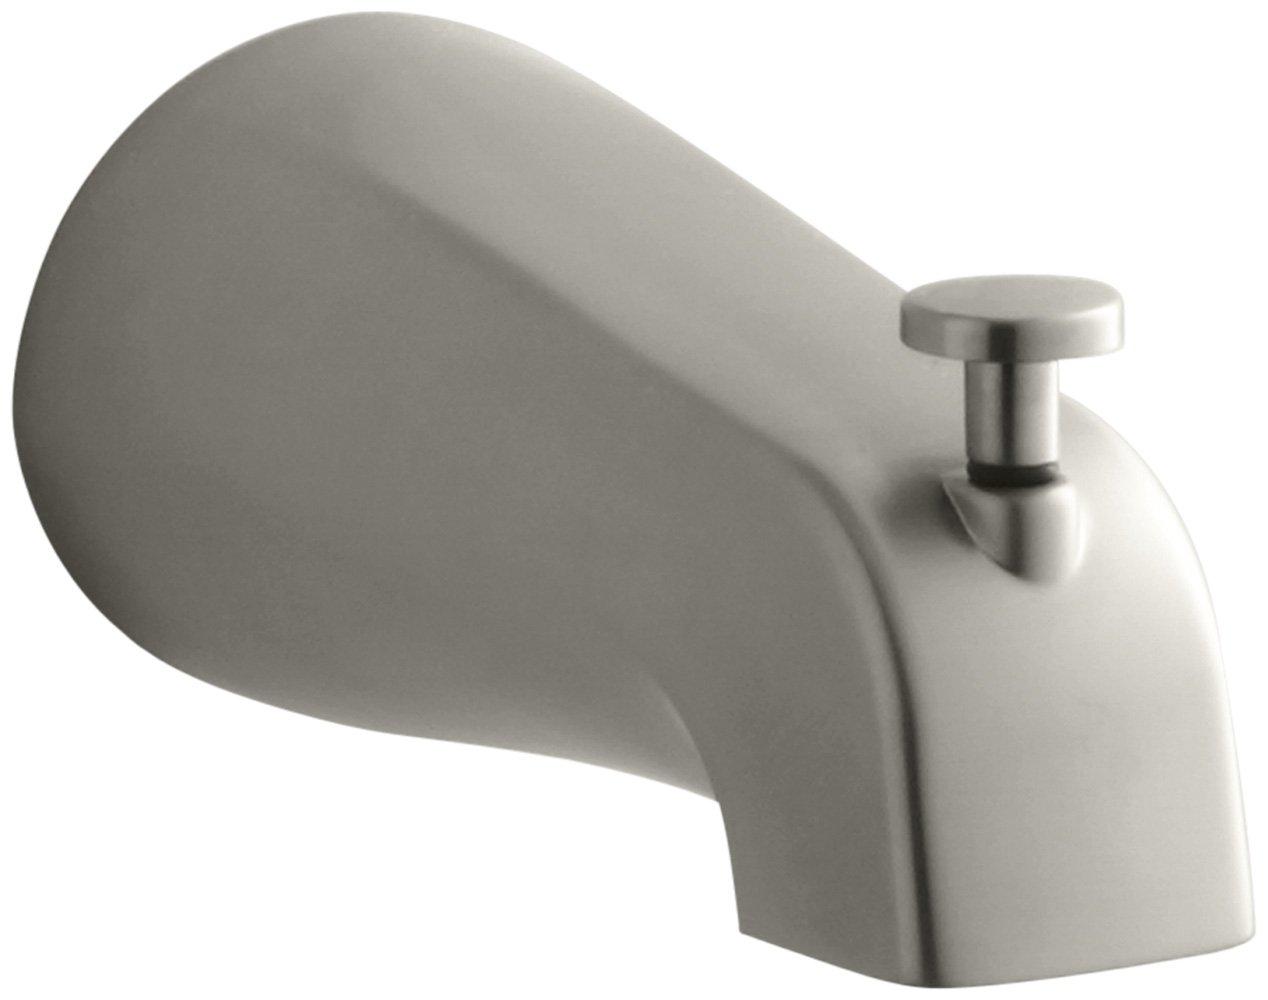 KOHLER K-15136-BN Coralais Diverter Bath Spout, Vibrant Brushed Nickel by Kohler